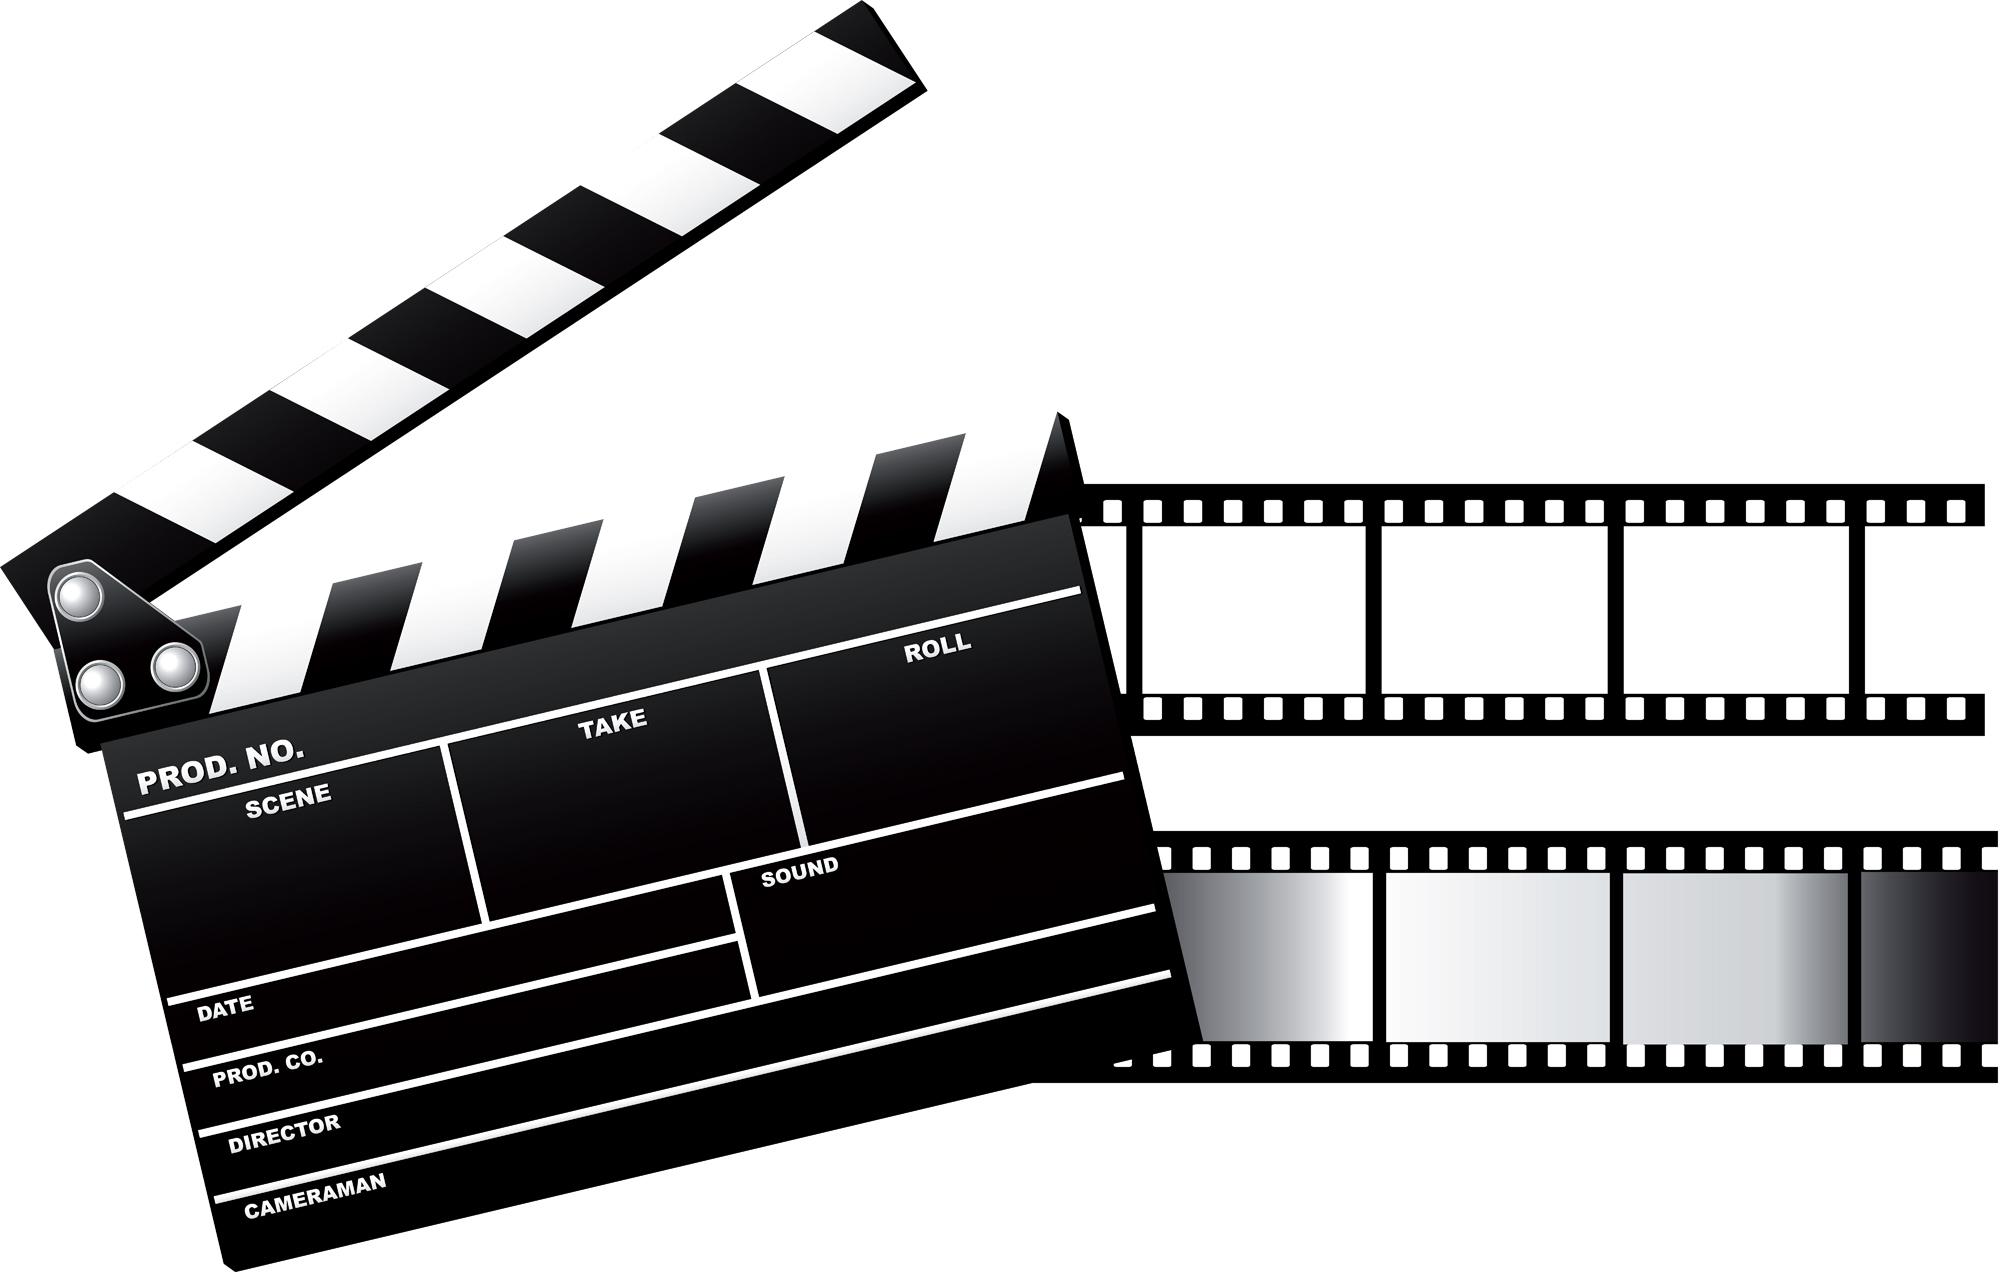 Movie clipart flim Film Image Movie 4734 Film